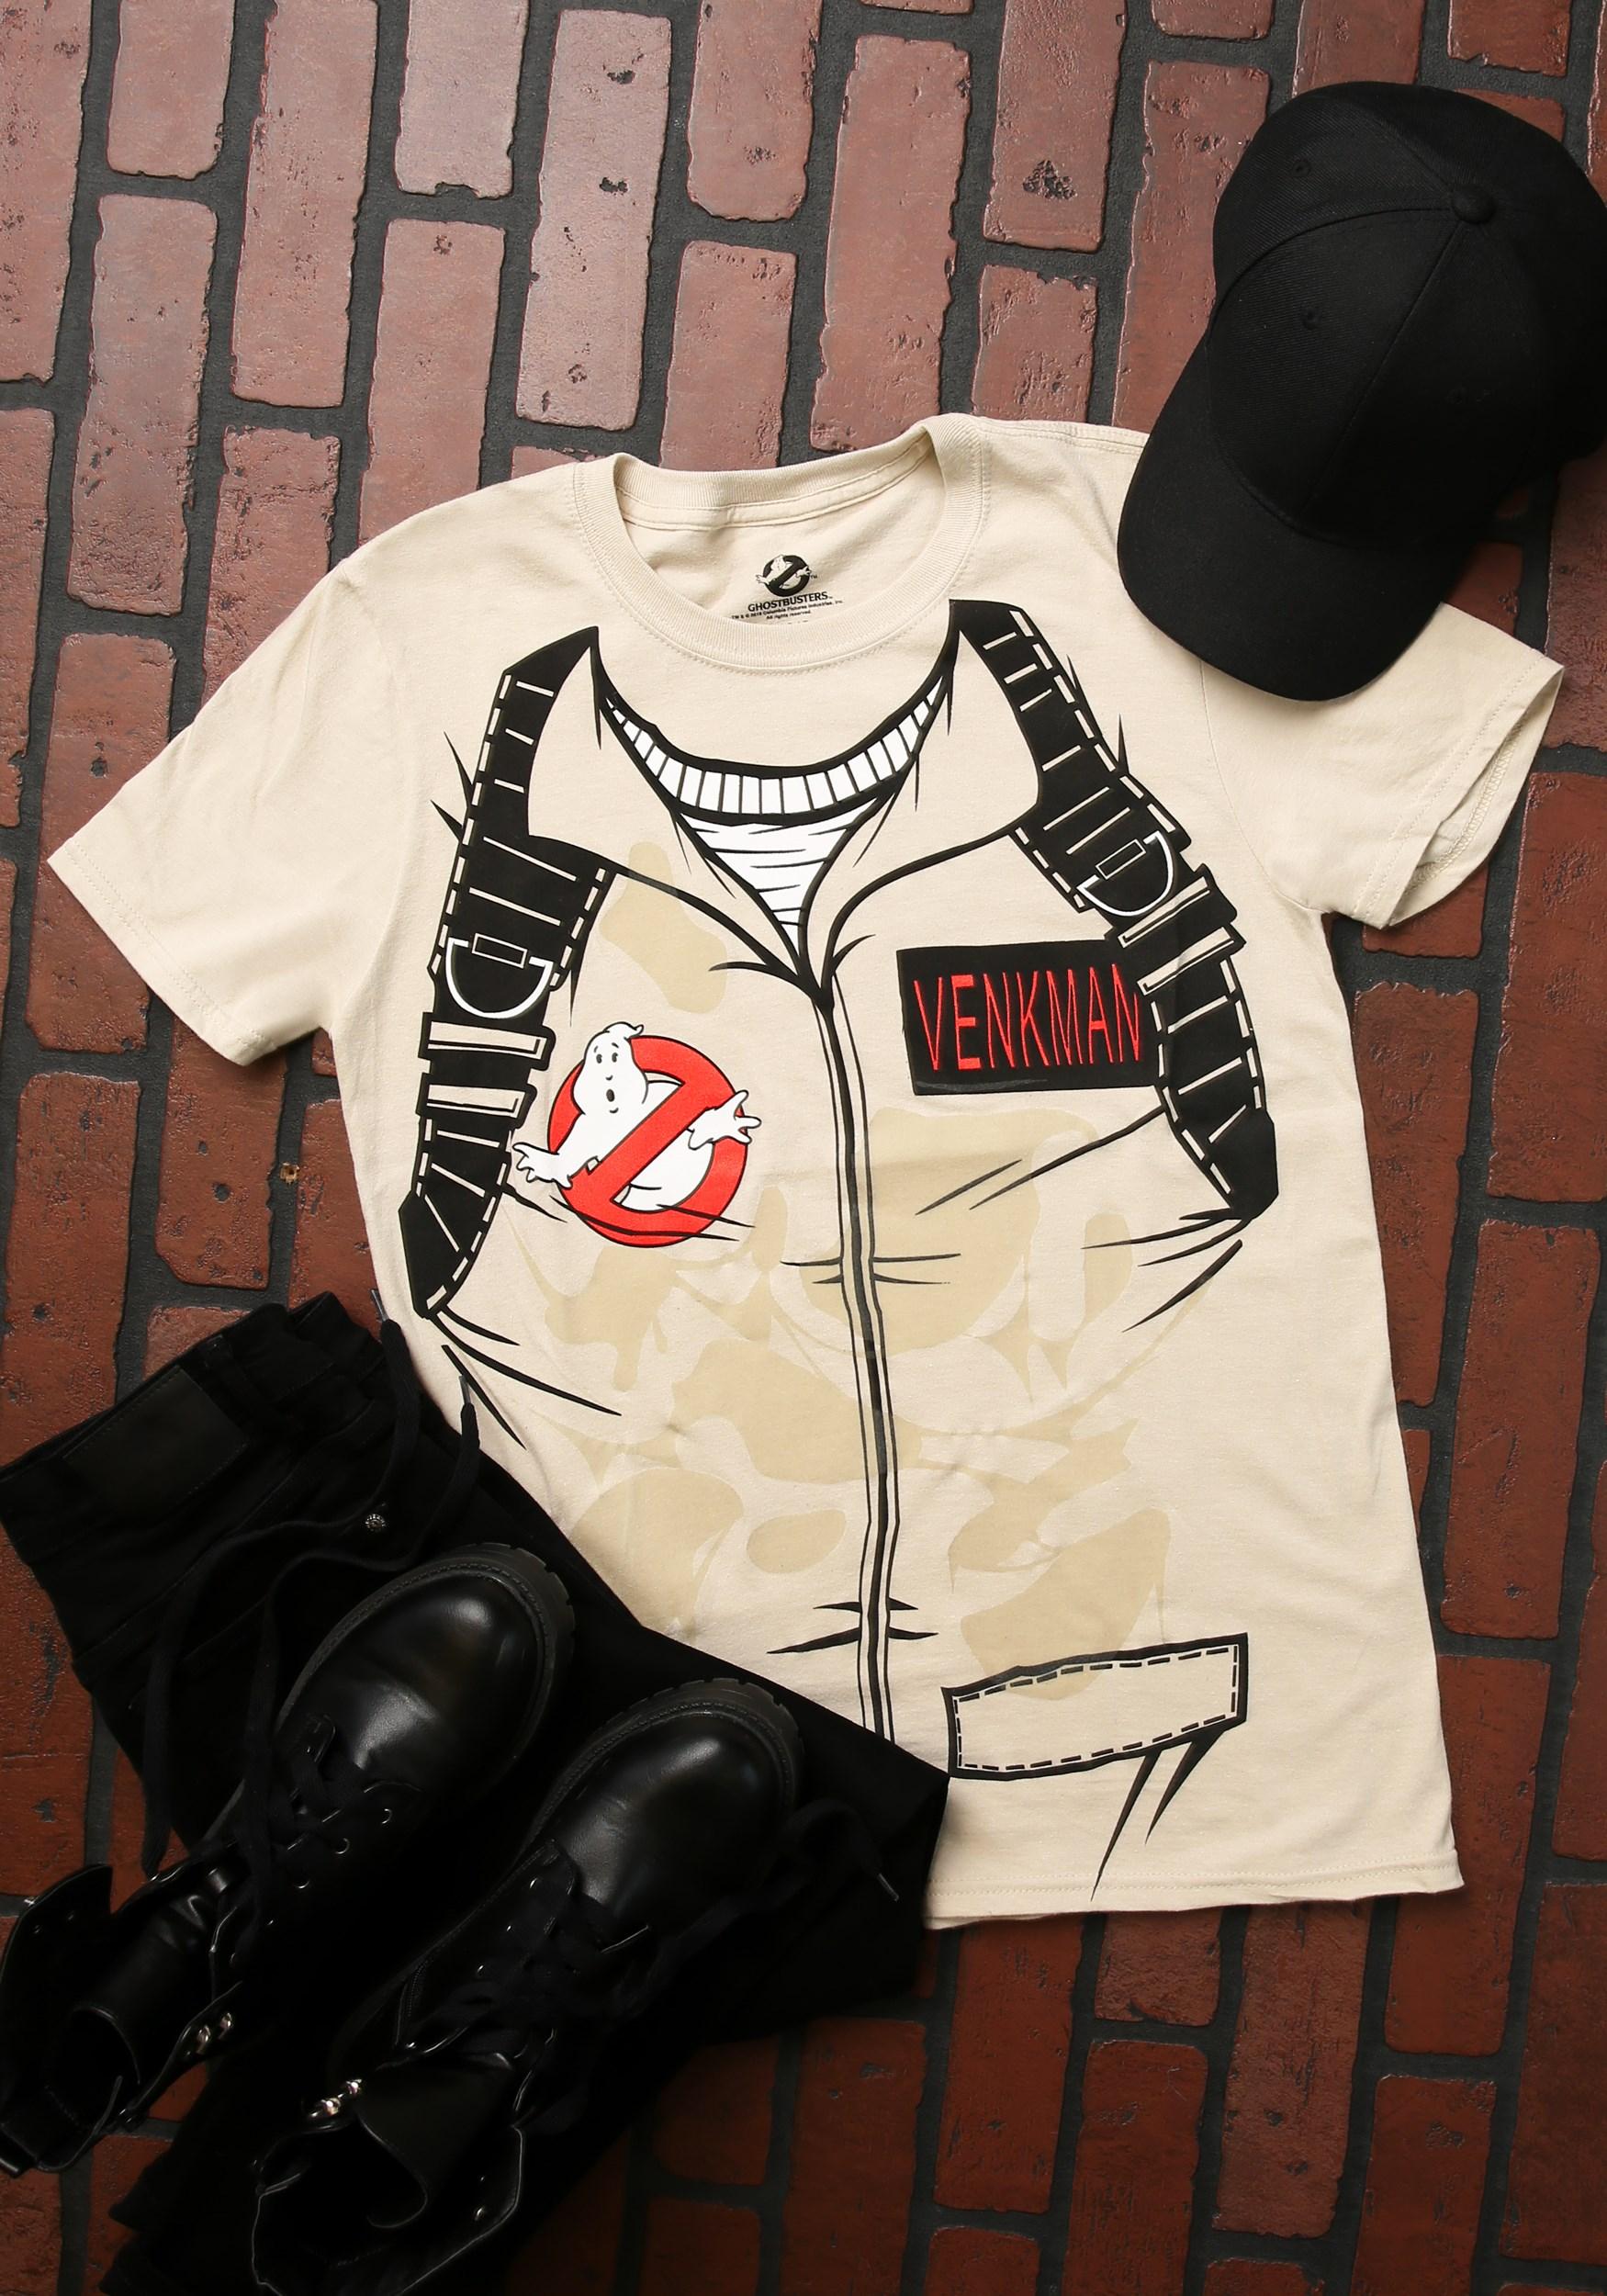 Batman Para Adultos de suplantación de identidad y tamaños de niños S GHOSTBUSTER T-Shirt venkam S GHOSTBUSTER